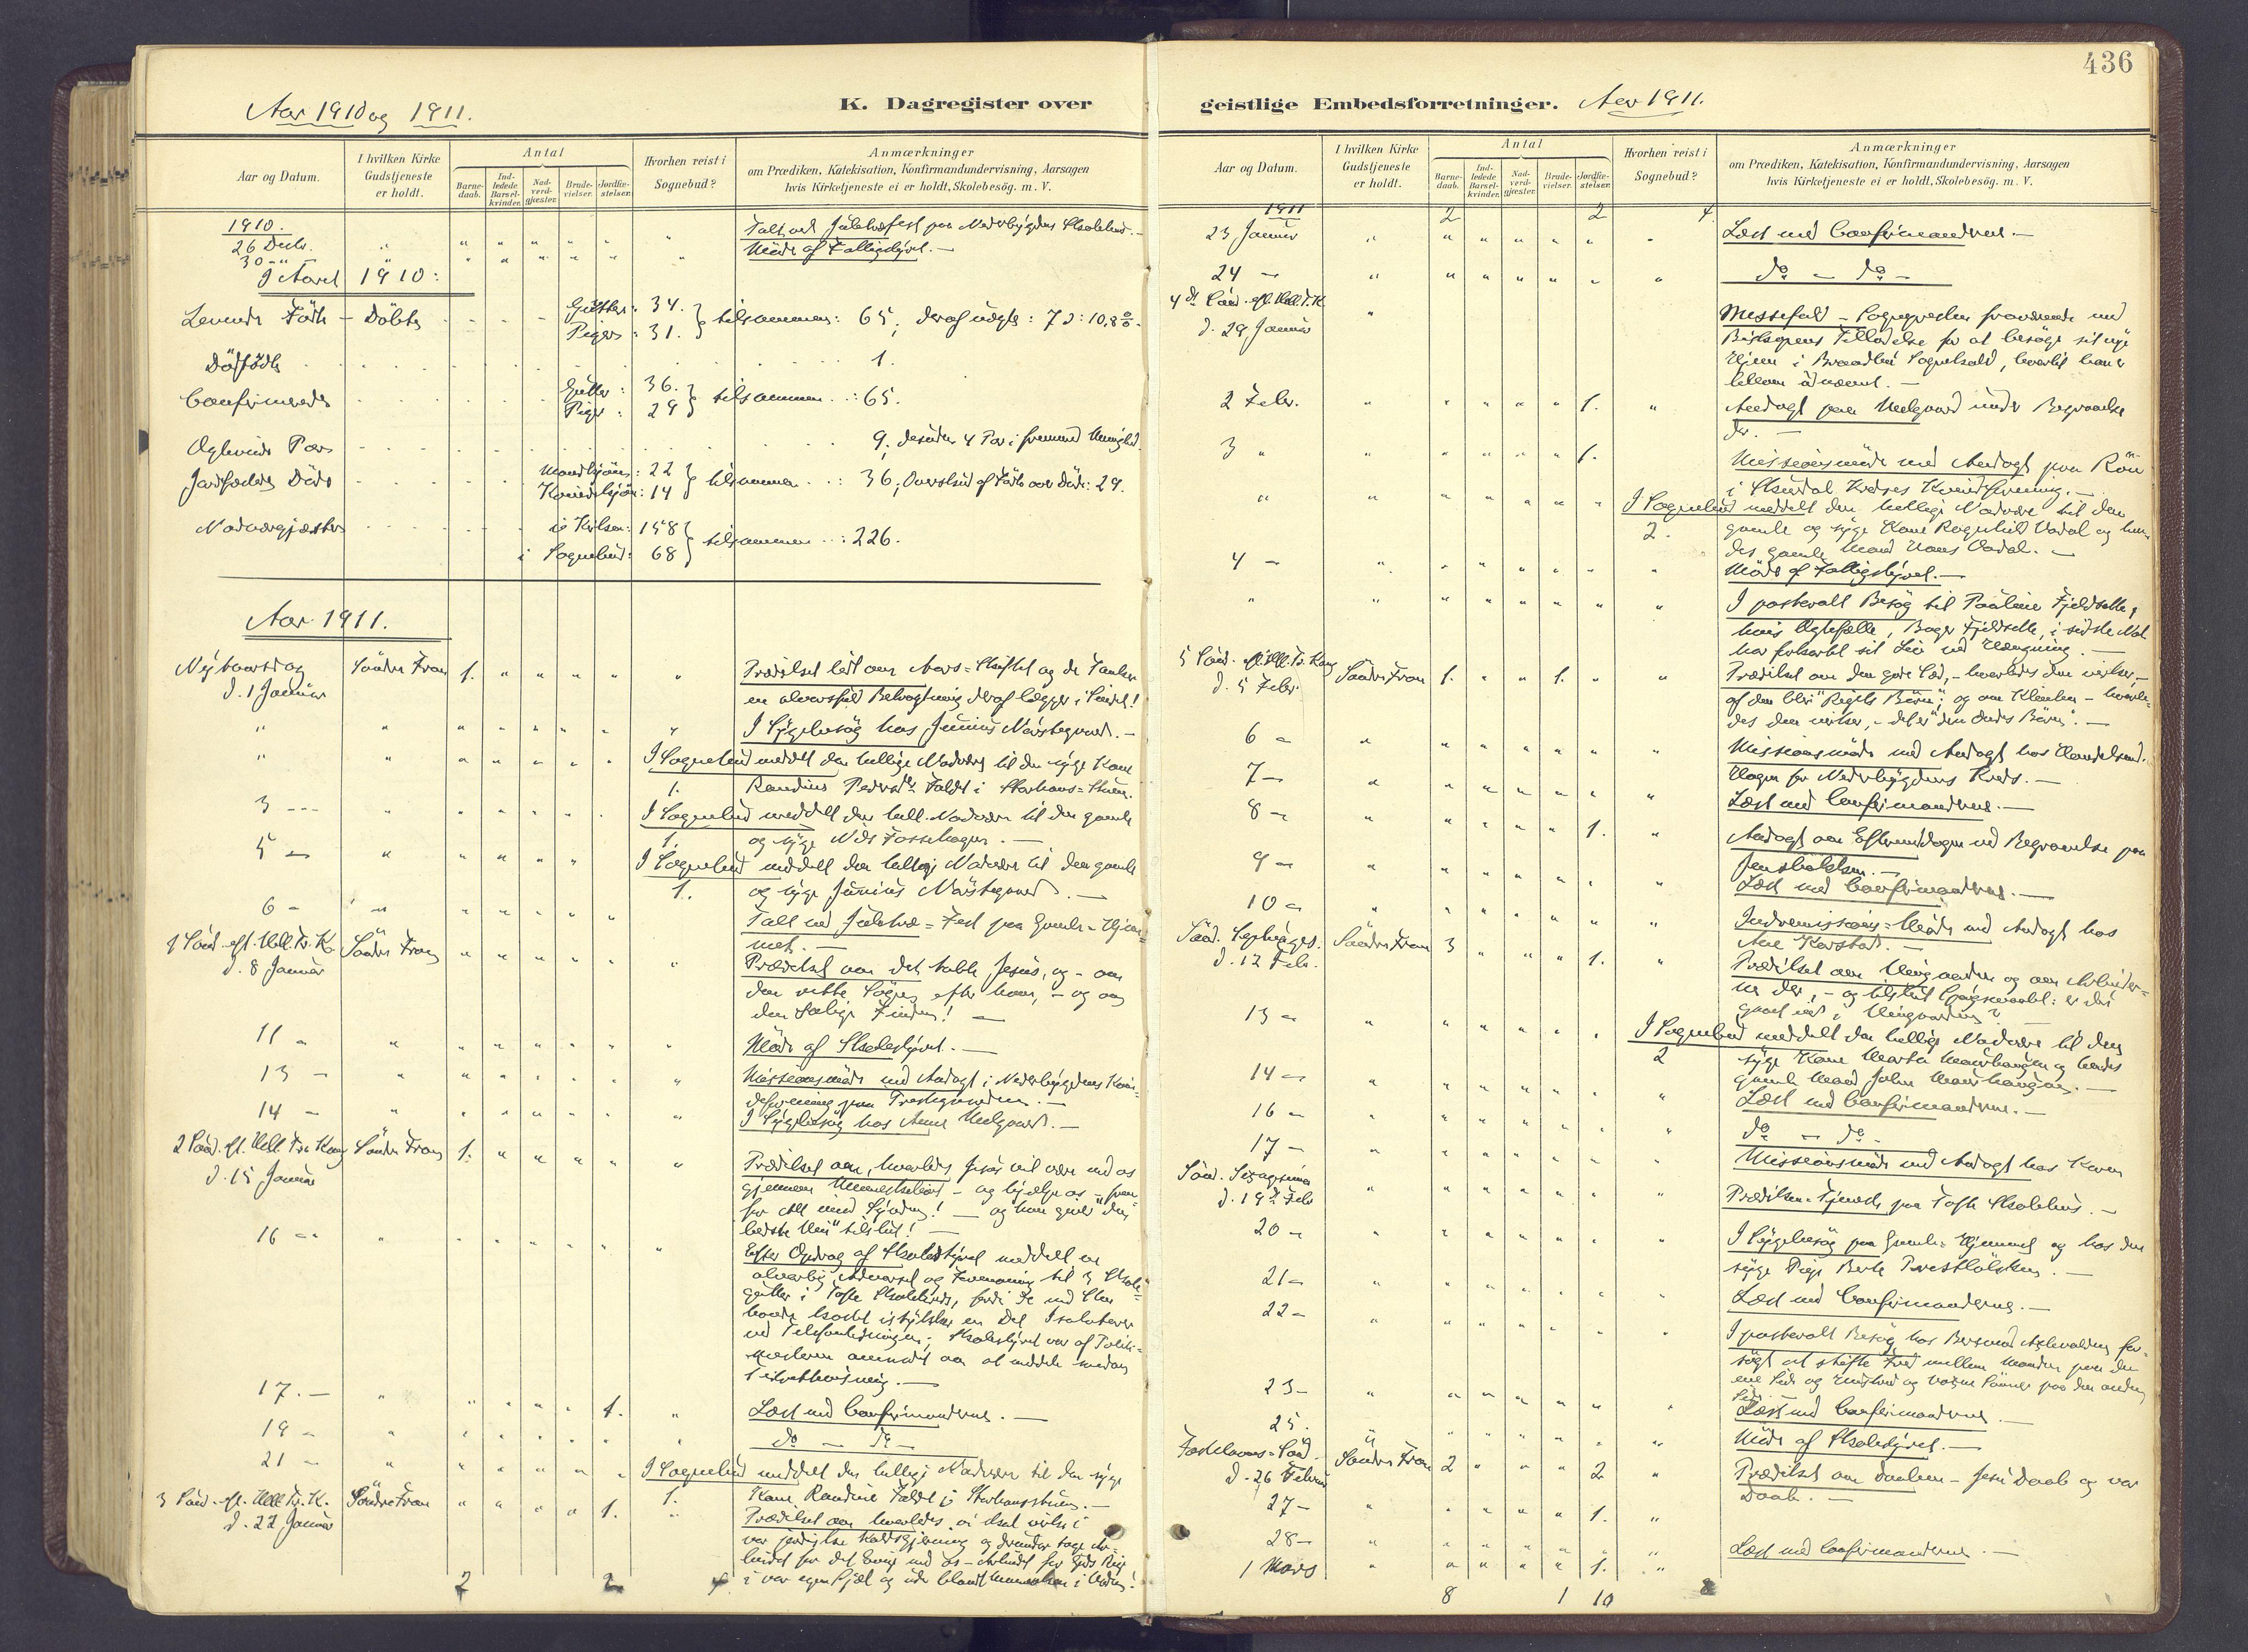 SAH, Sør-Fron prestekontor, H/Ha/Haa/L0004: Ministerialbok nr. 4, 1898-1919, s. 436